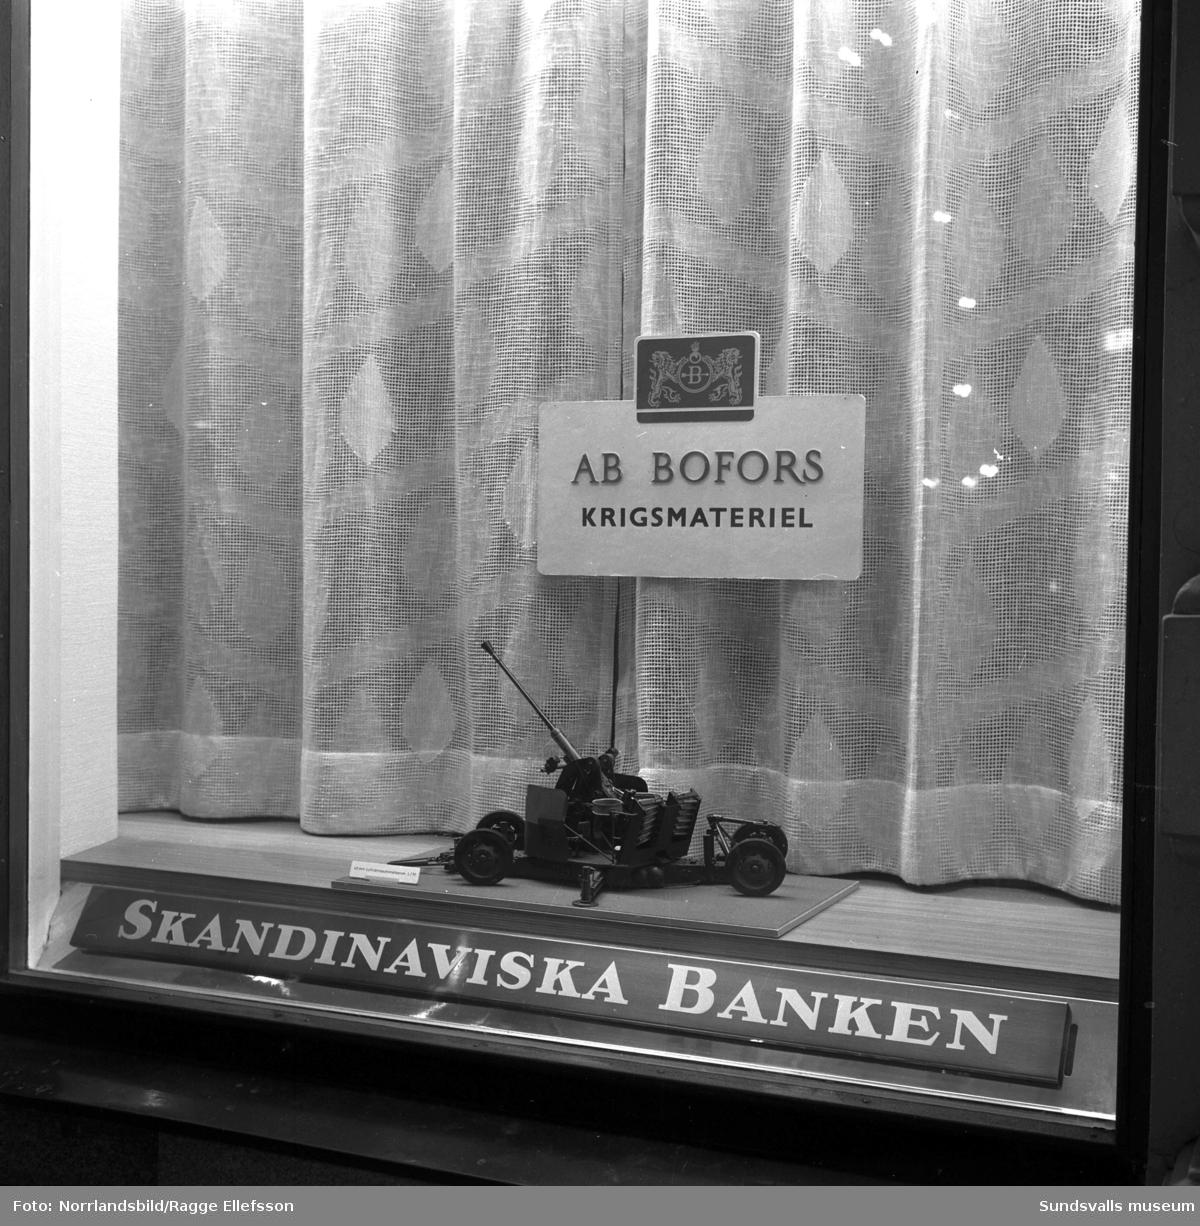 Skandinaviska bankens skyltning om Bofors.